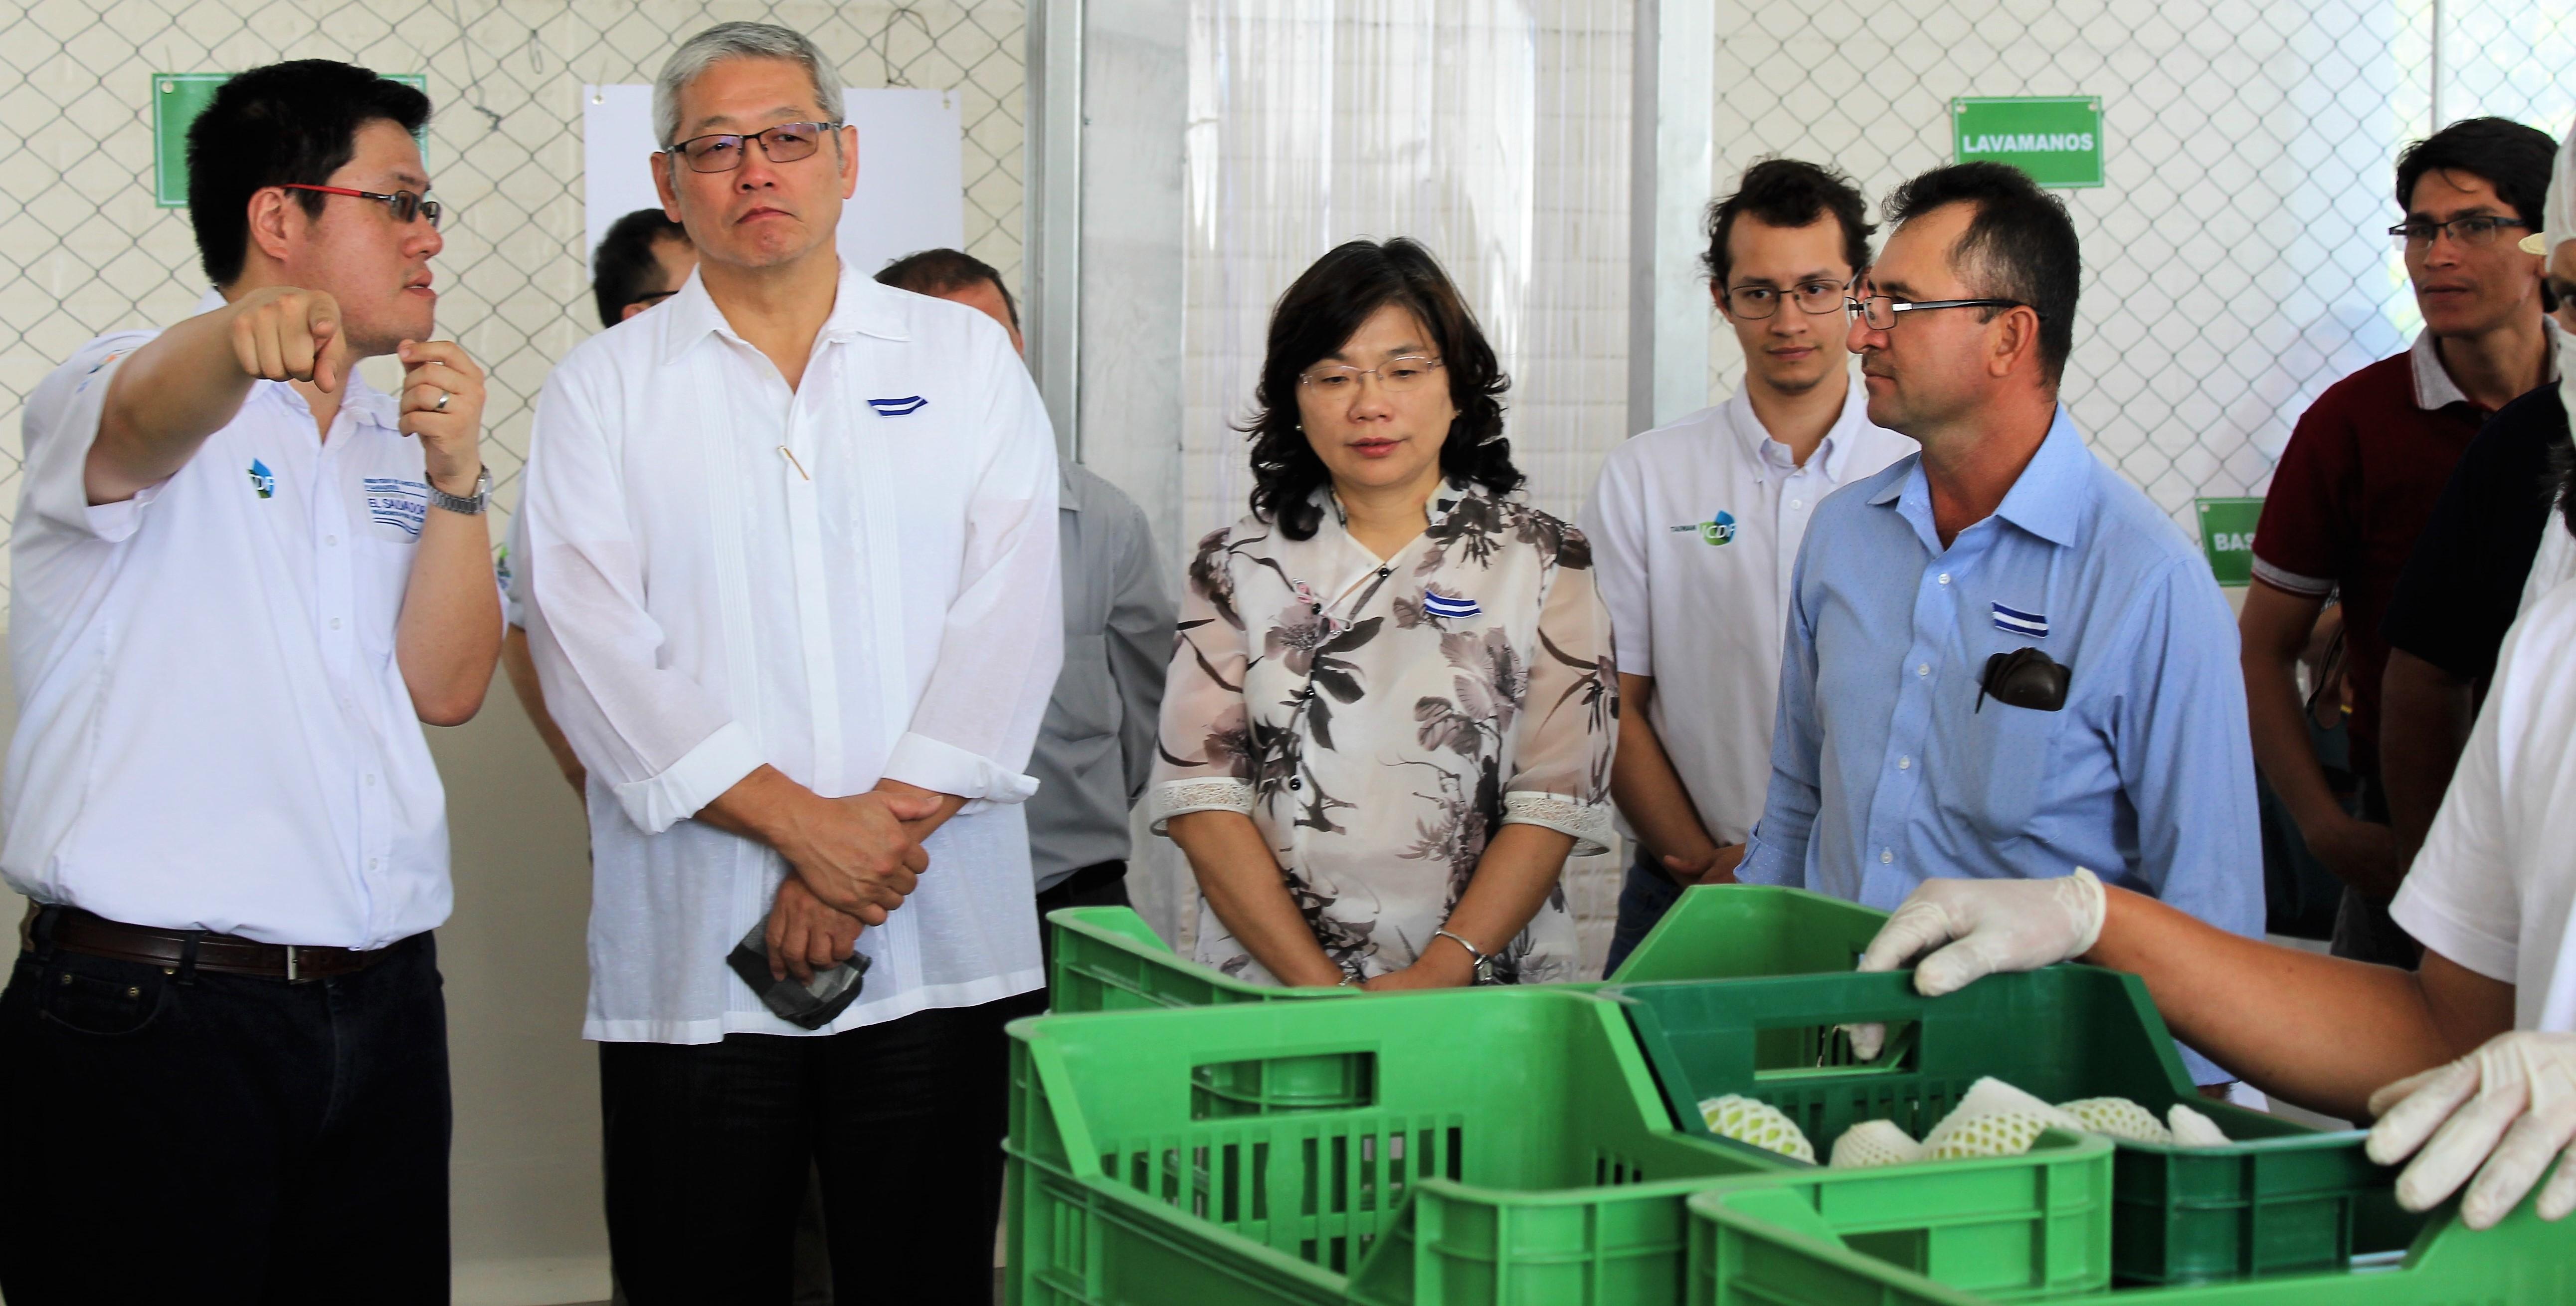 Taiwán y MAG inauguran Centro de acopio de guayaba en Atiocoyo